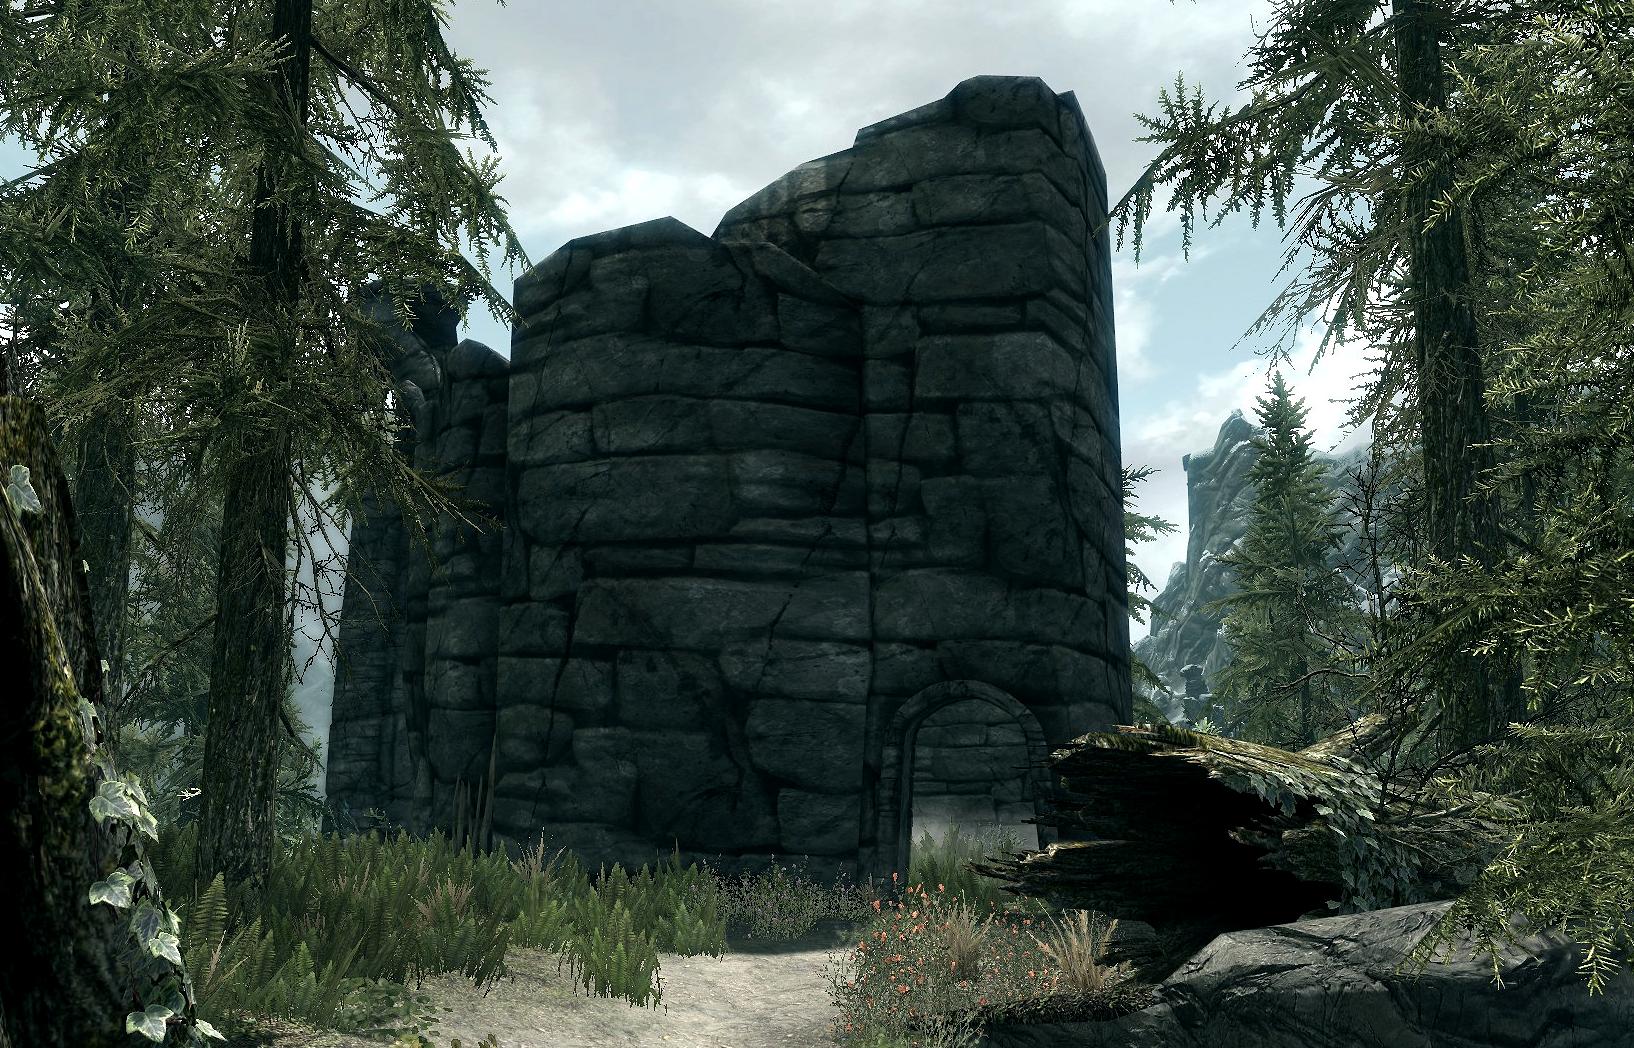 Peak's Shade Tower